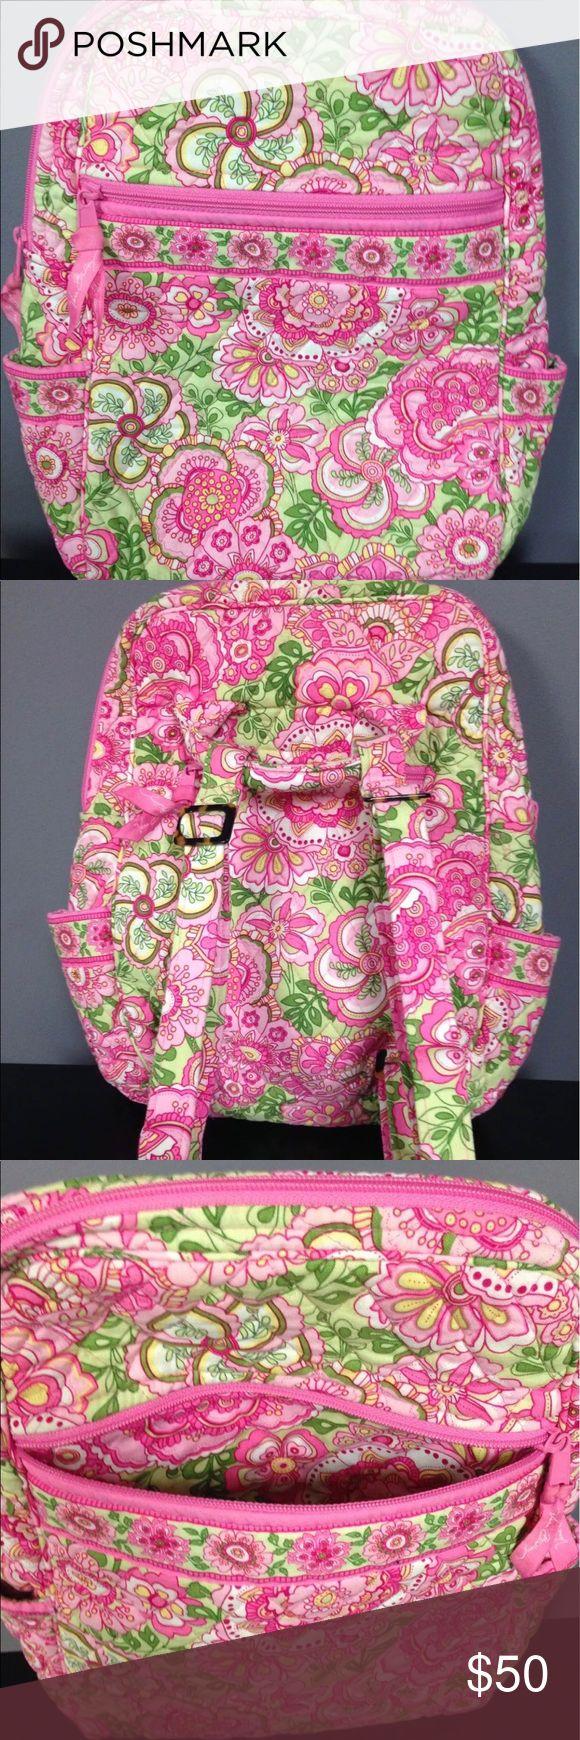 COMING SOON 📪 Vera Bradley backpack 🎒 The backpack is in mint condition. Vera Bradley Bags Backpacks